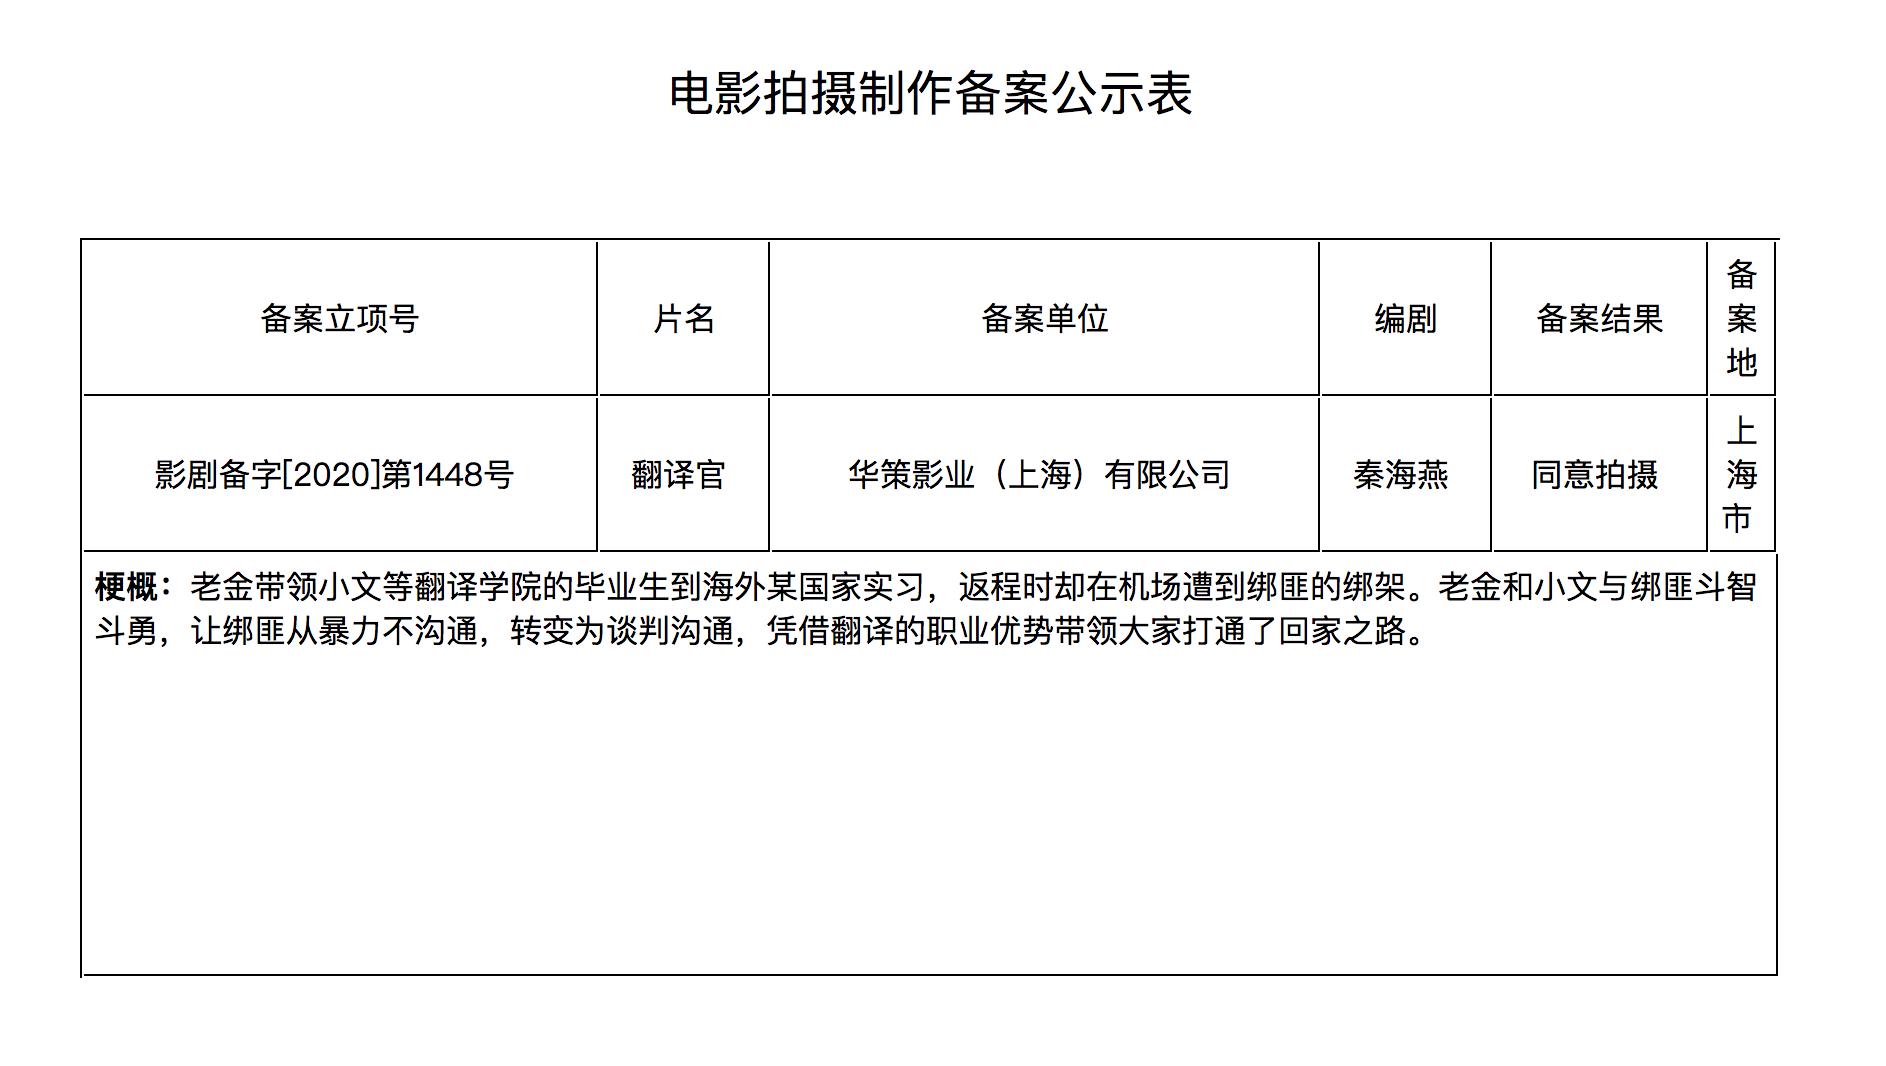 影版《翻译官》立项 杨幂和黄轩曾主演电视剧版